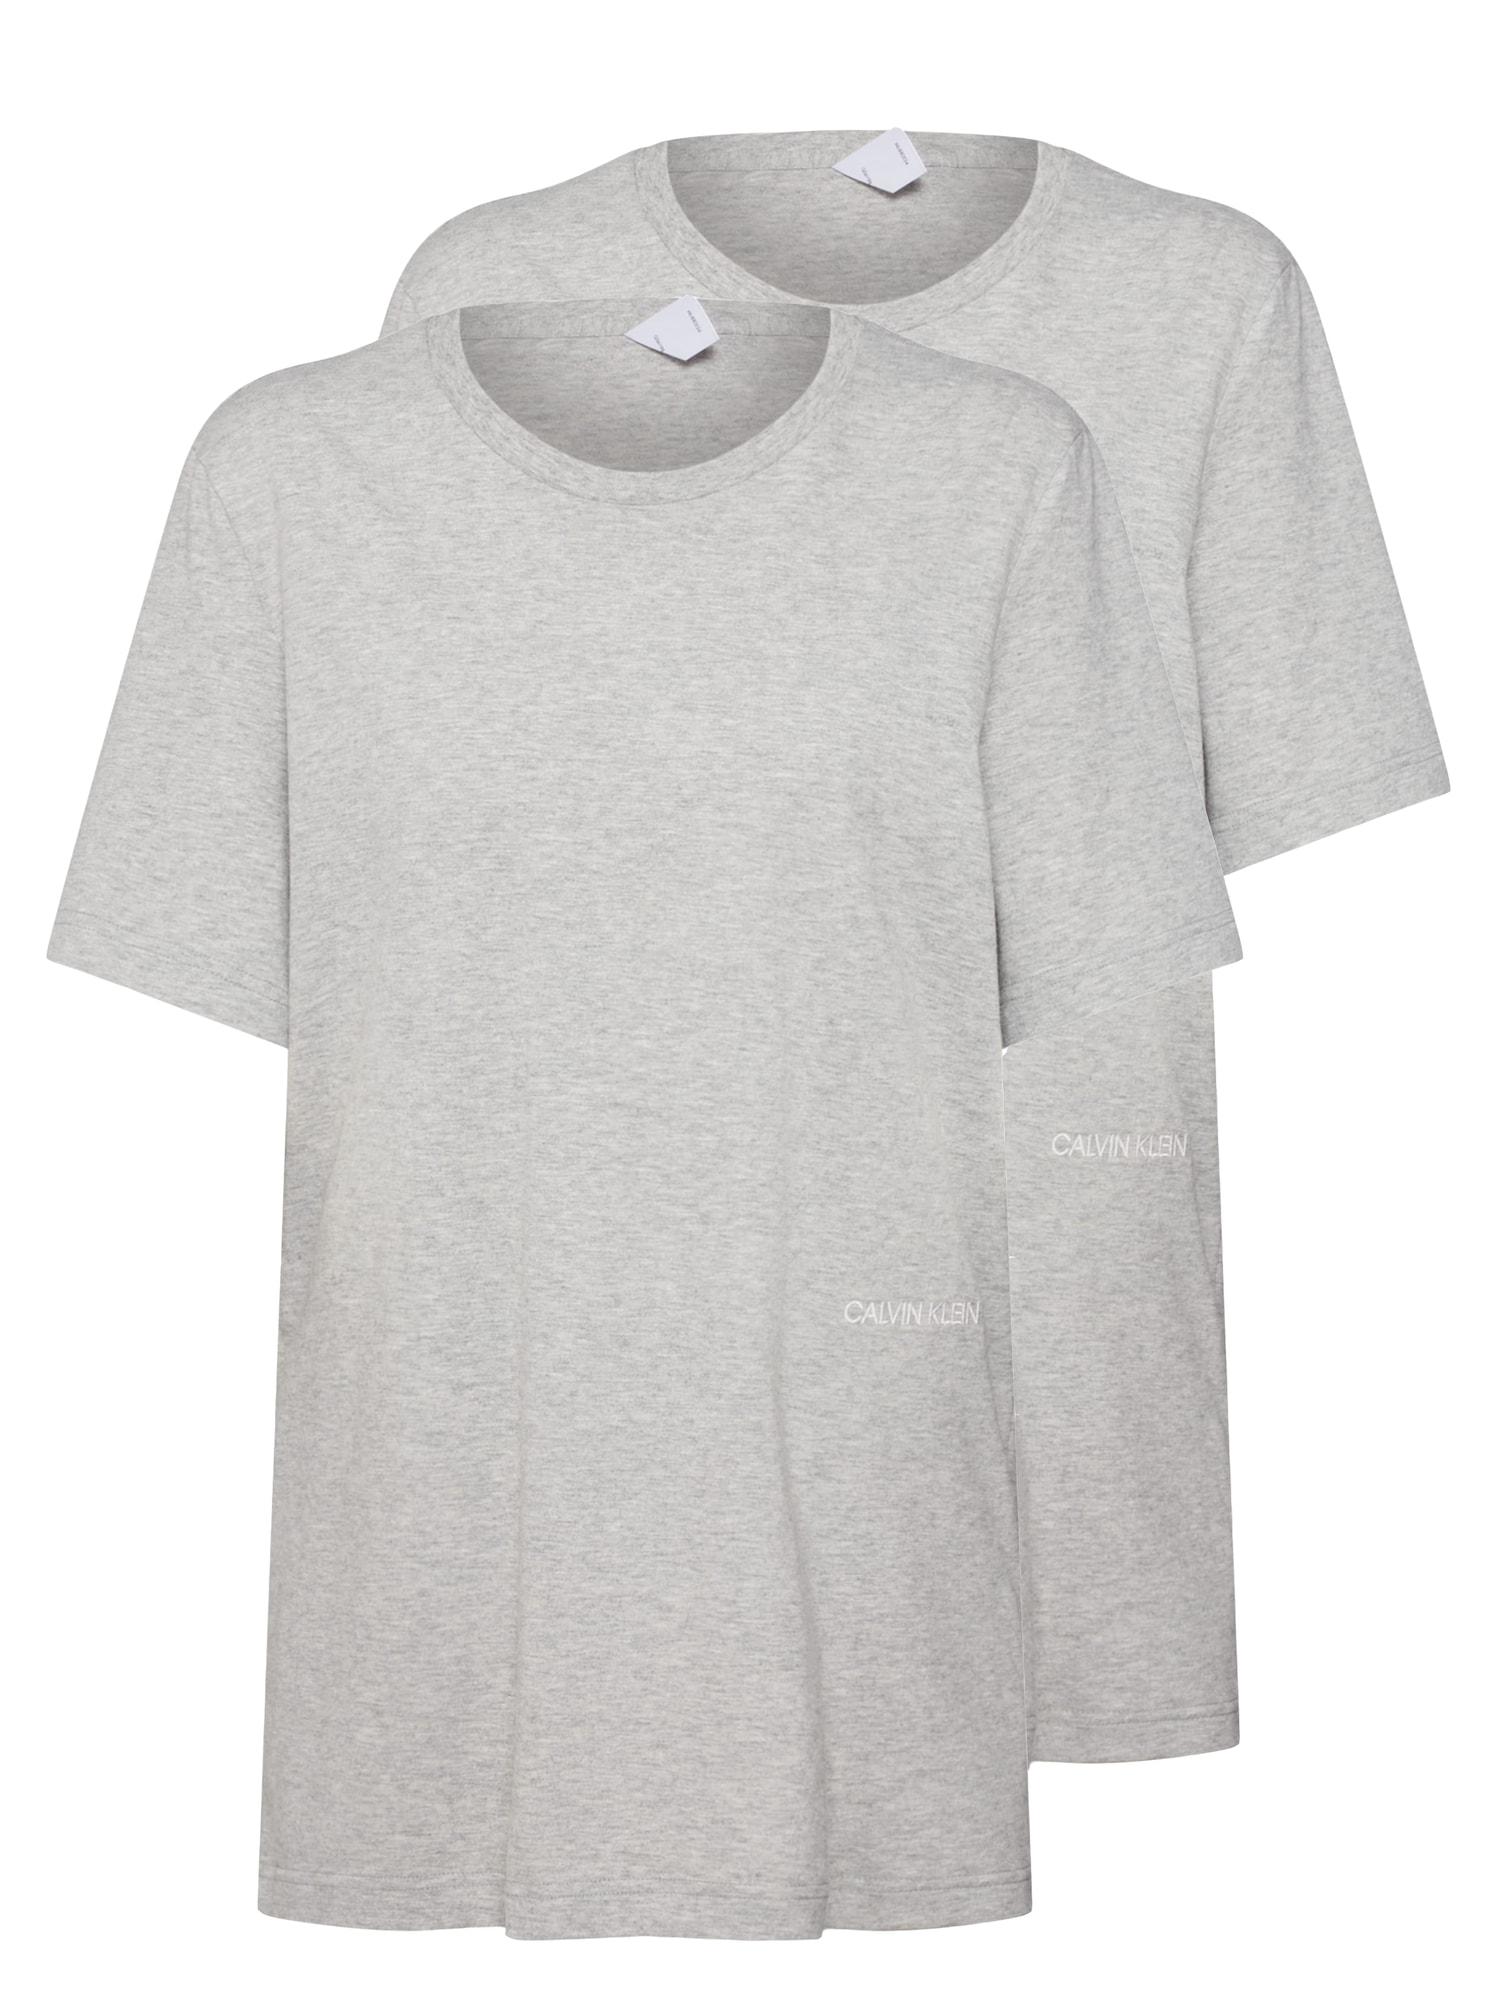 Tričko na spaní SS CREW NECK 2PK šedá Calvin Klein Underwear